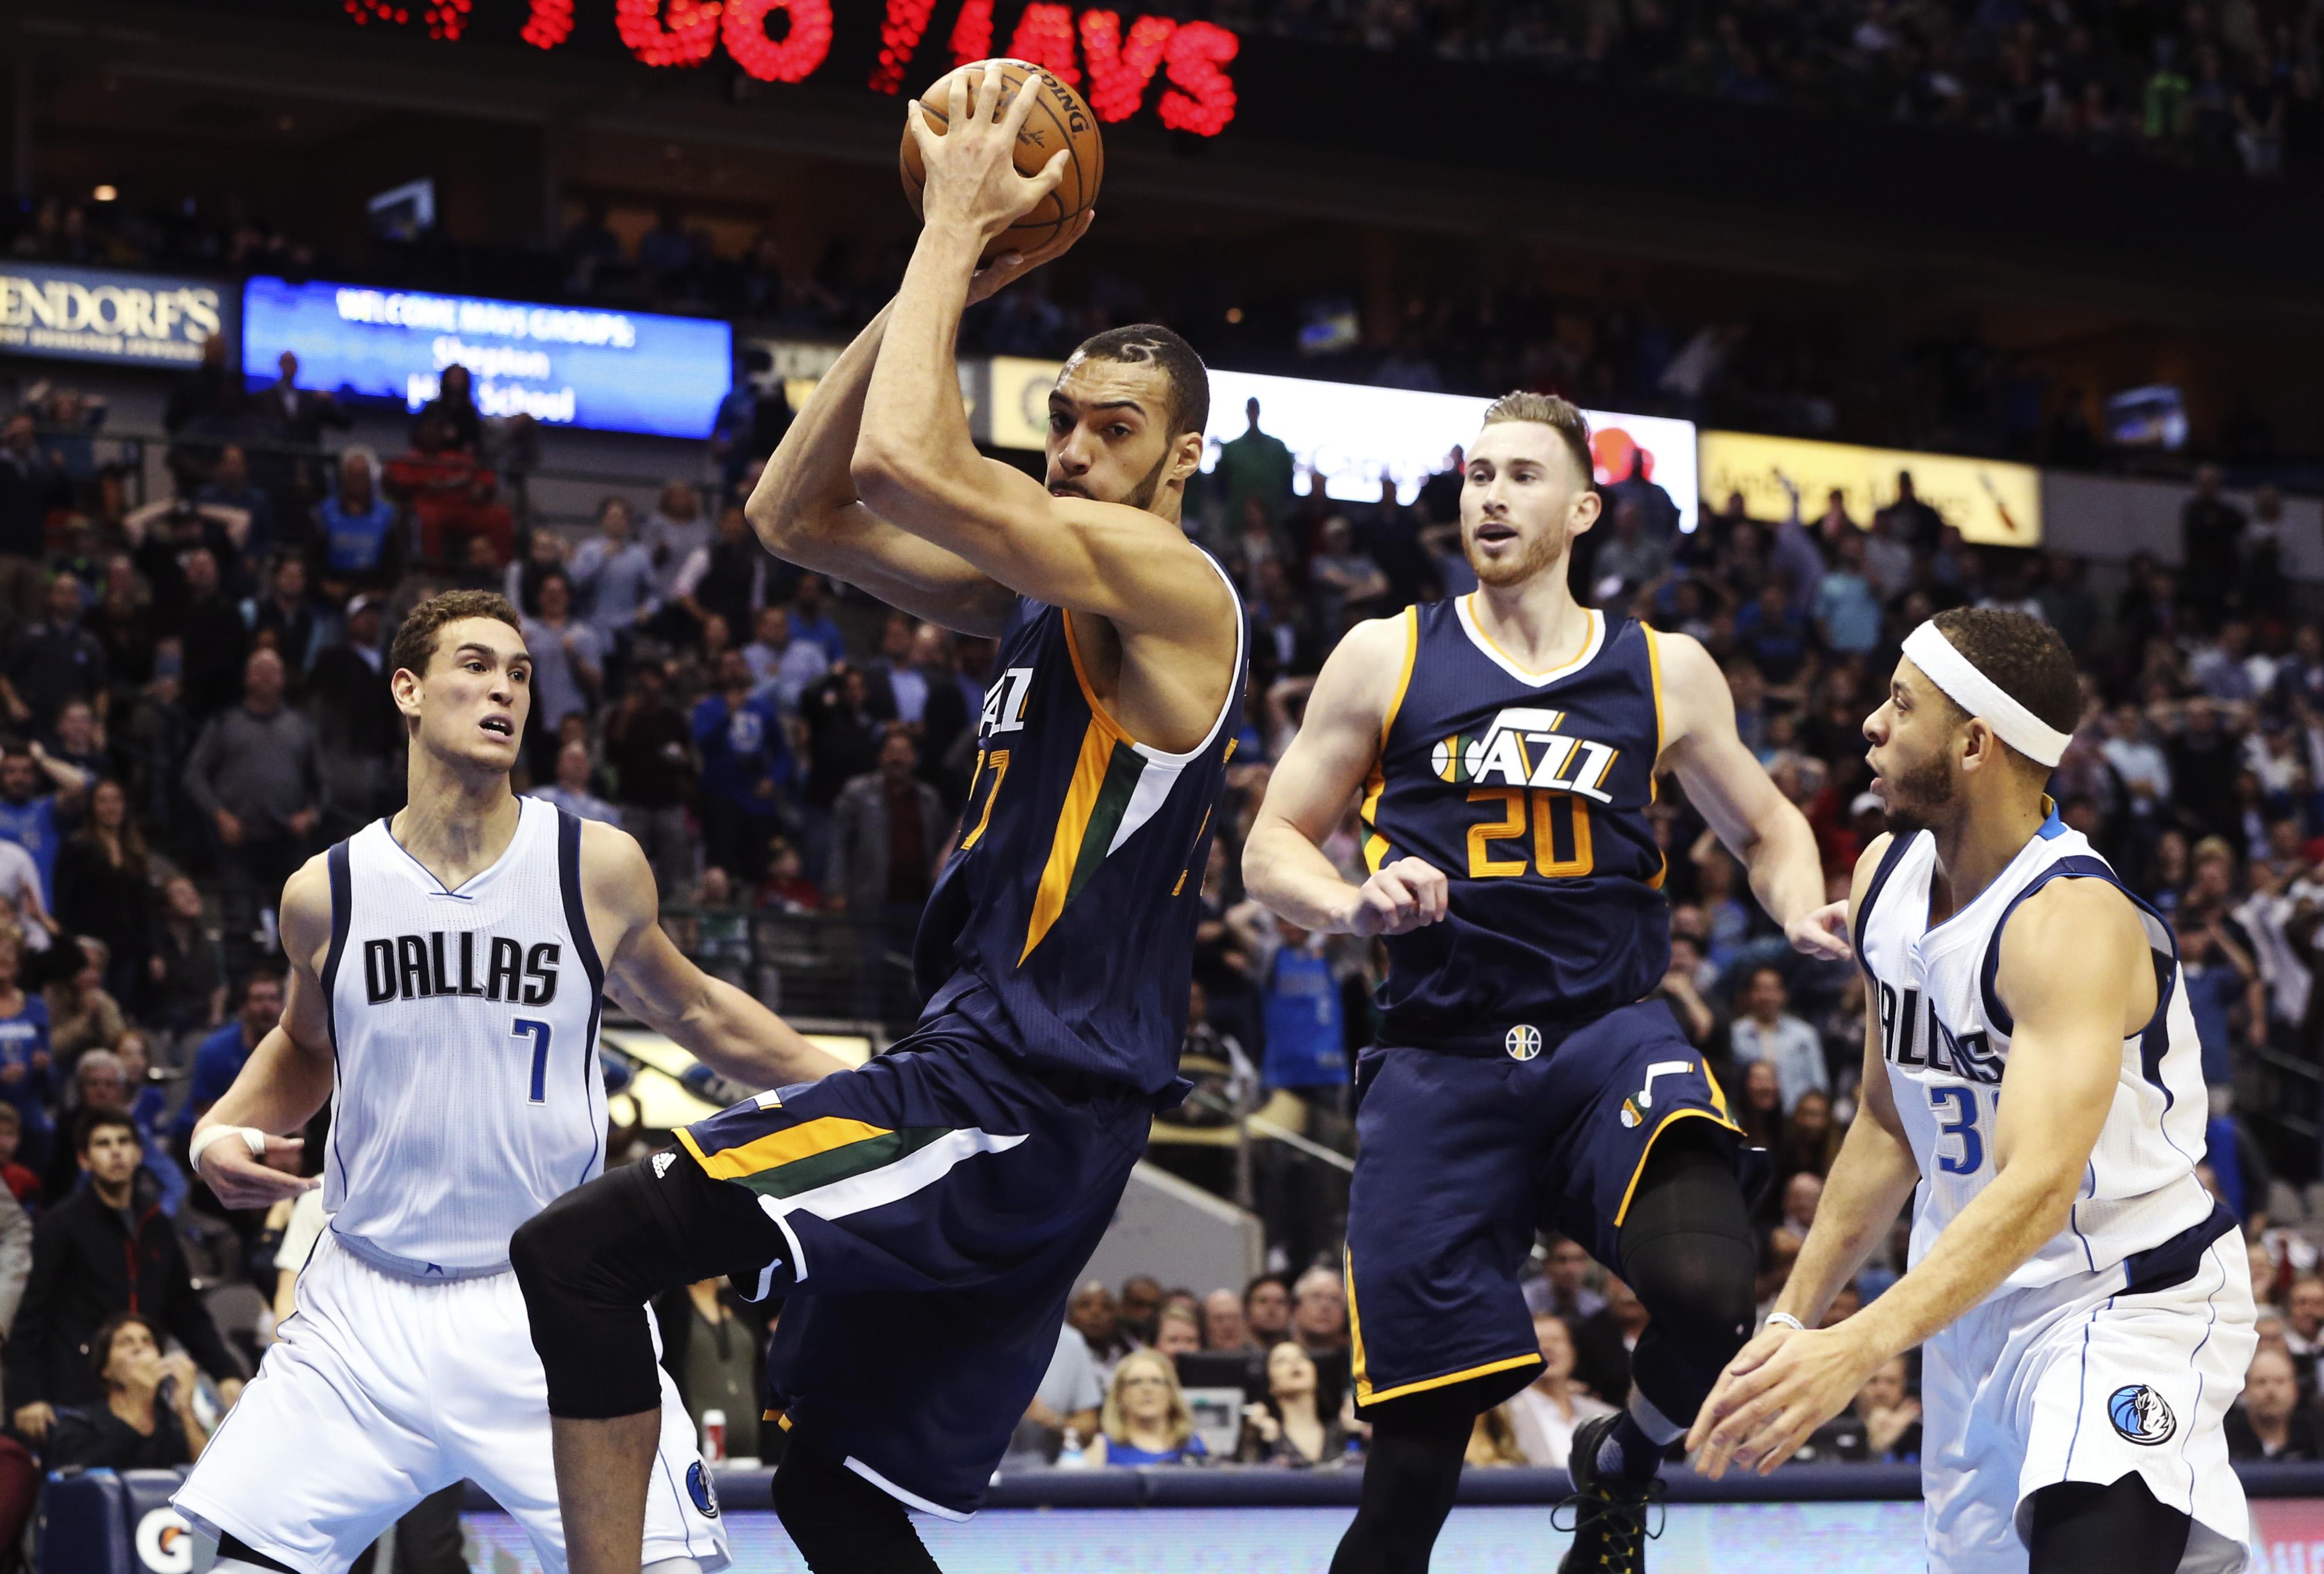 Basket - NBA - Gobert scintillante étoile de la nuit américaine